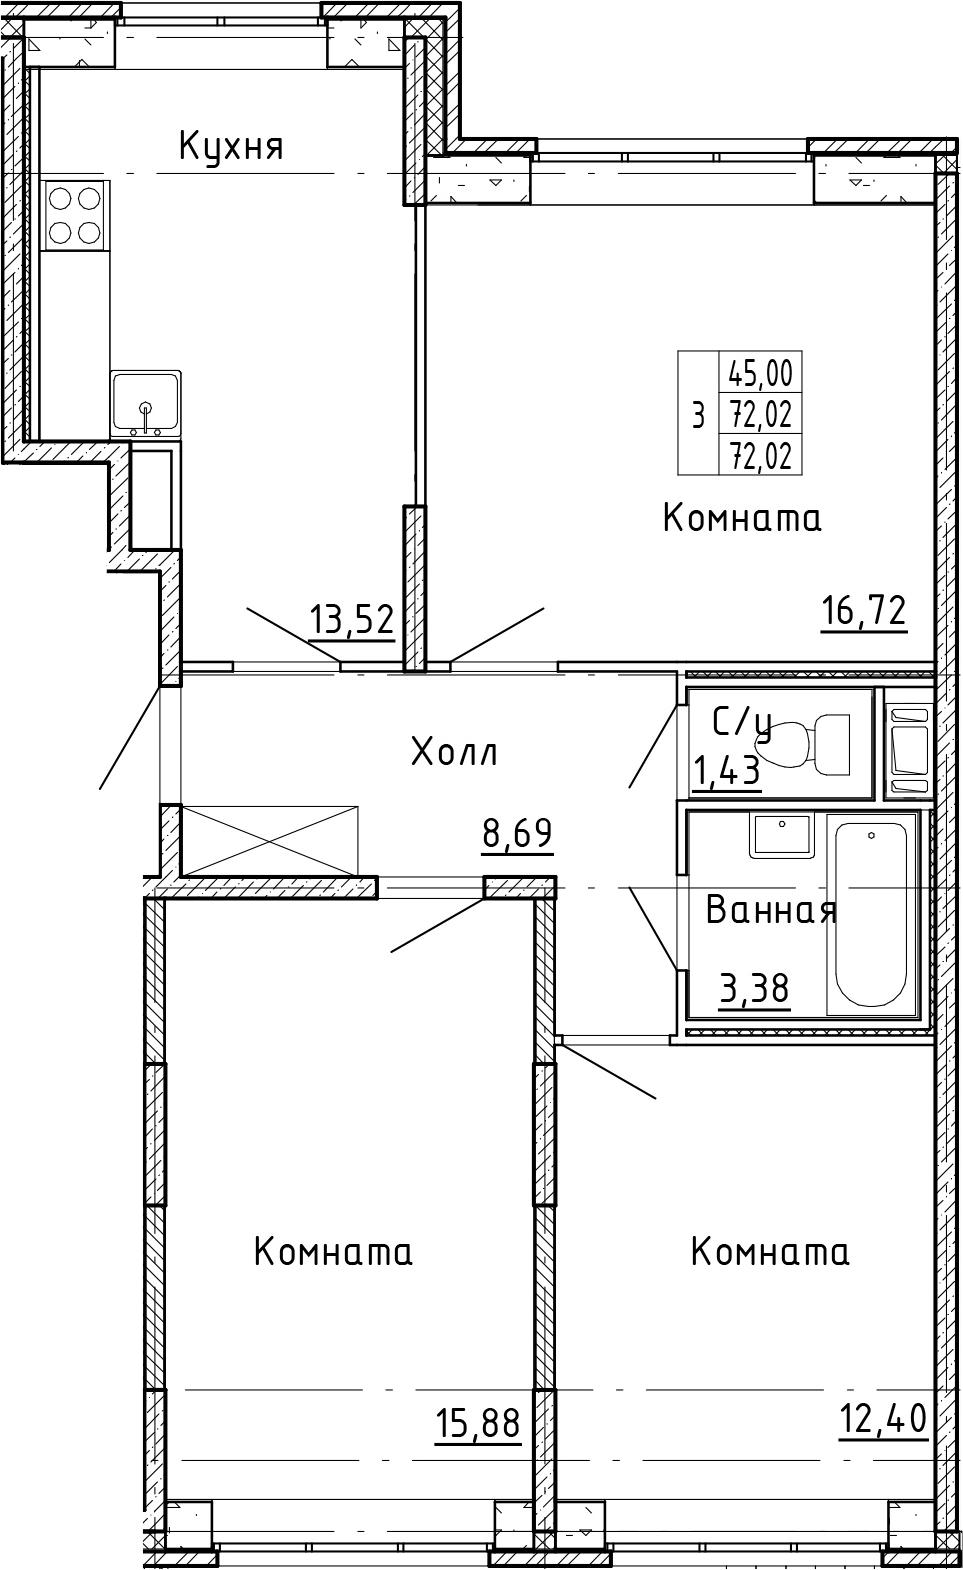 3-к.кв, 72.02 м²